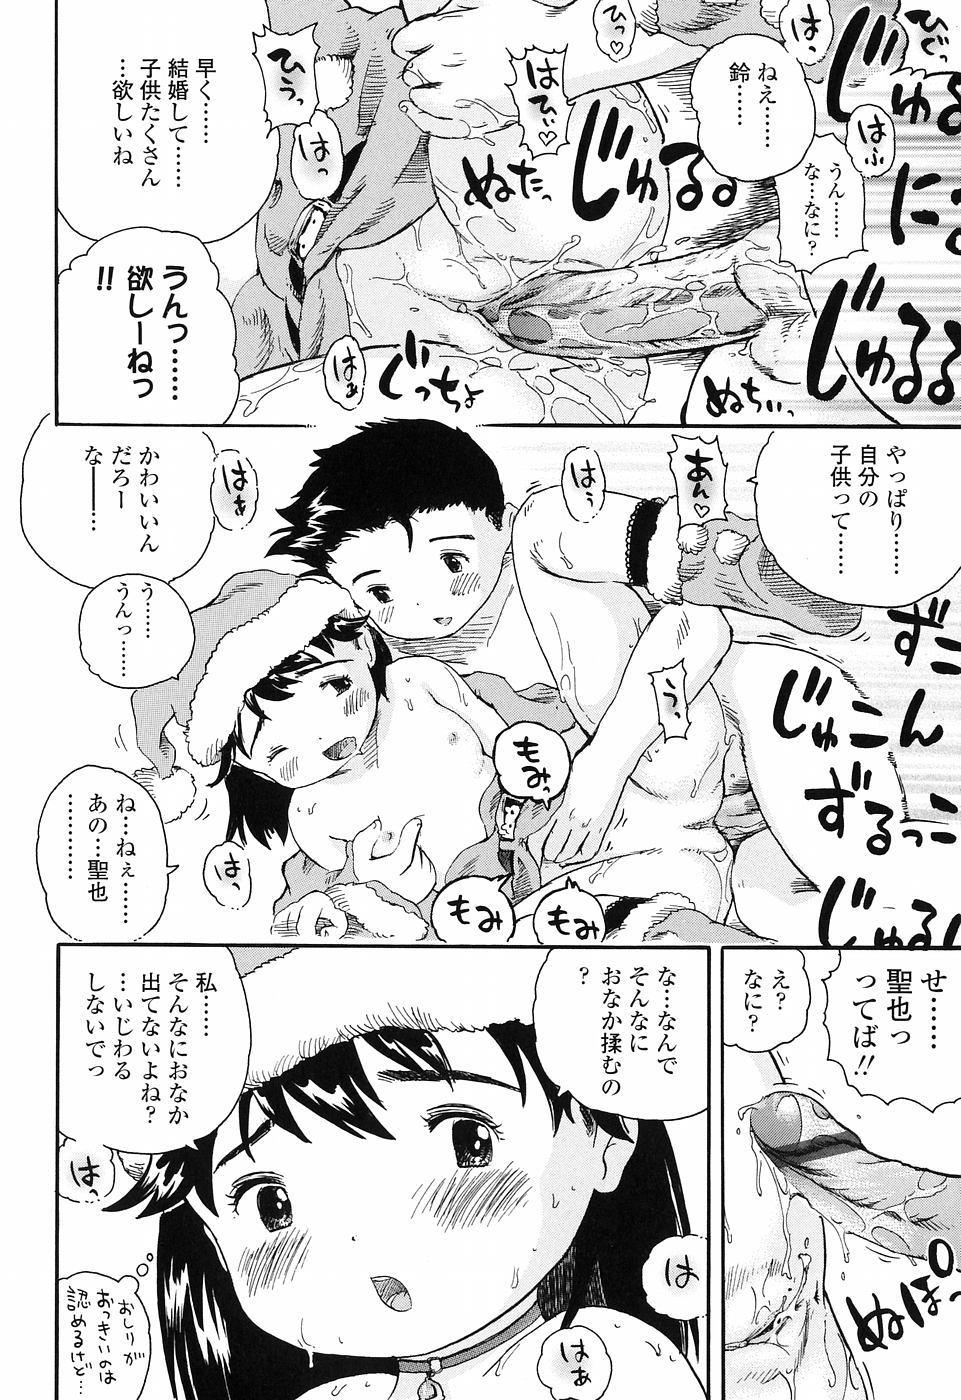 Koisuru Fukurami 101